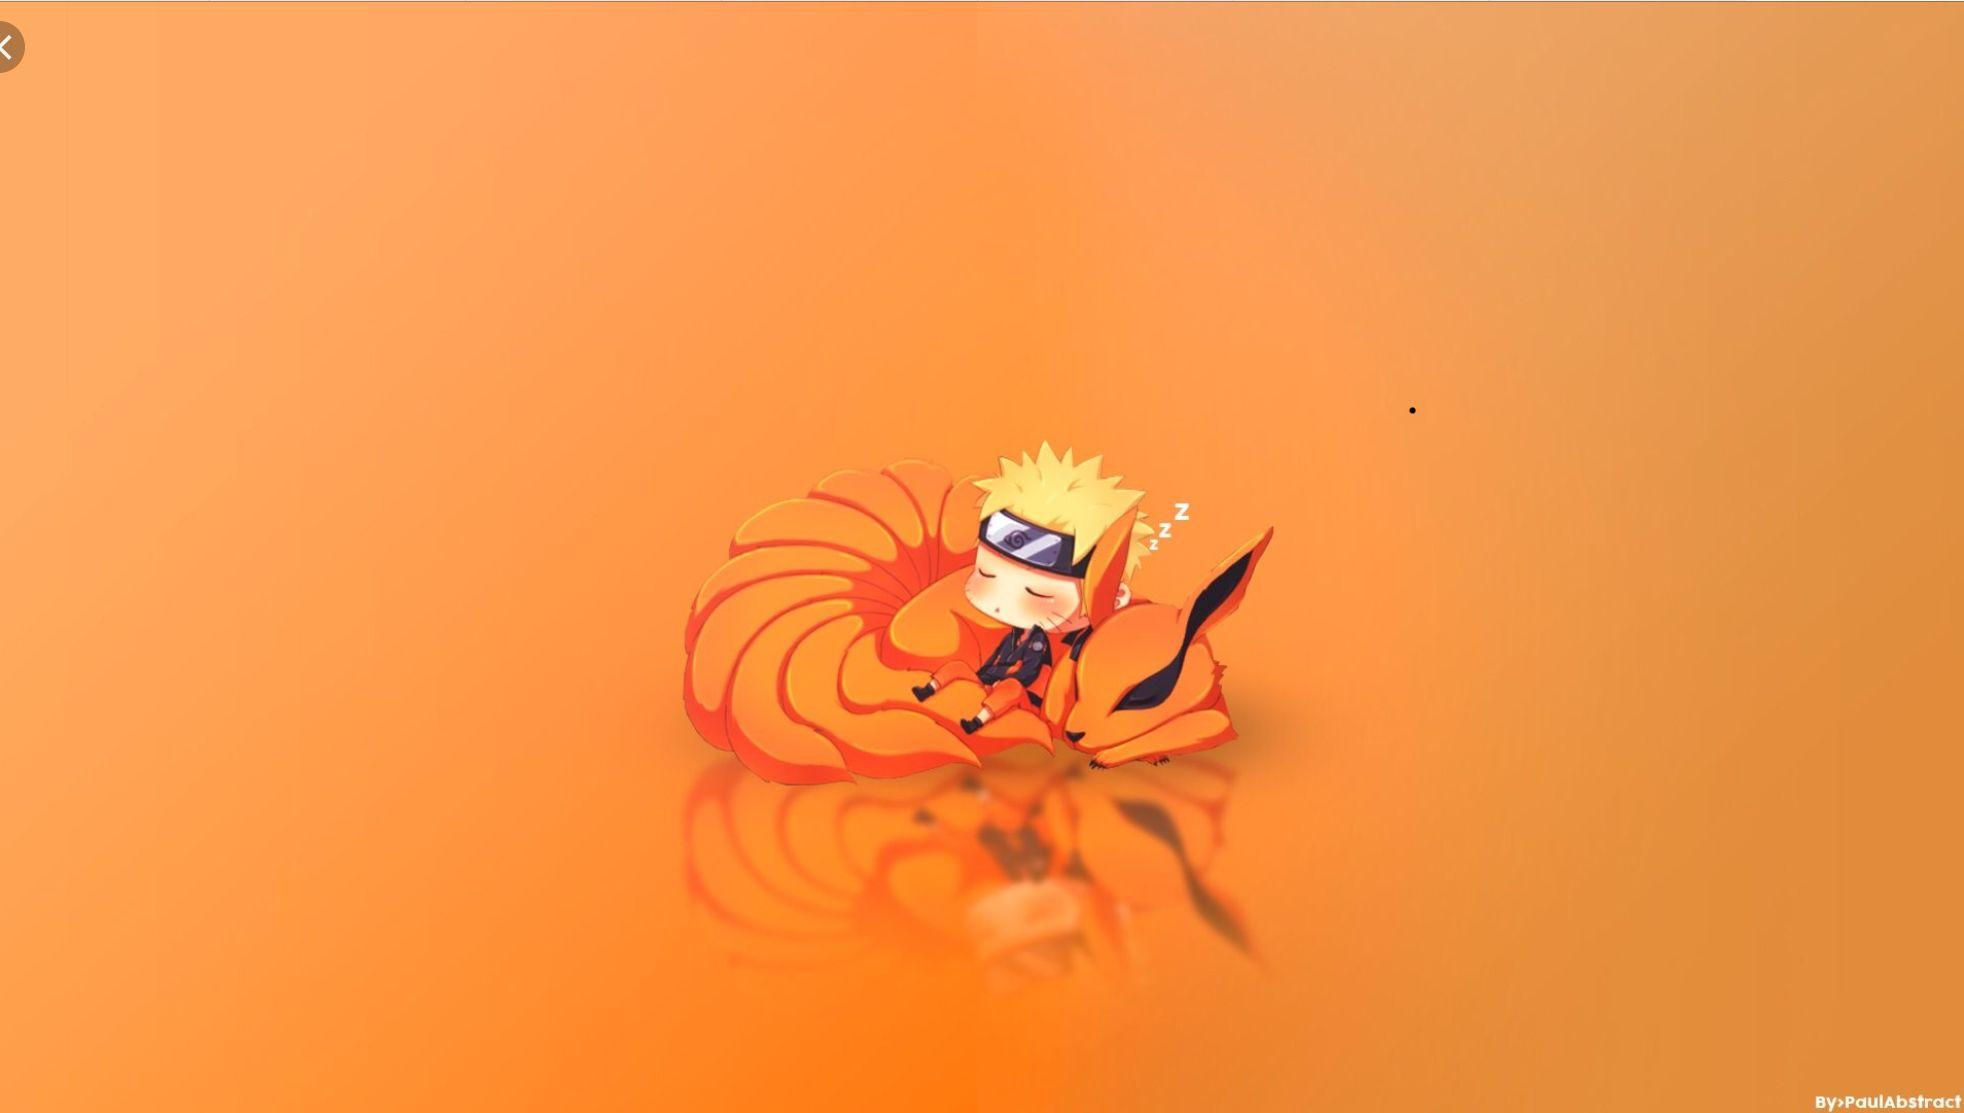 Naruto Naruto Wallpaper Naruto Wallpaper Iphone Chibi Wallpaper